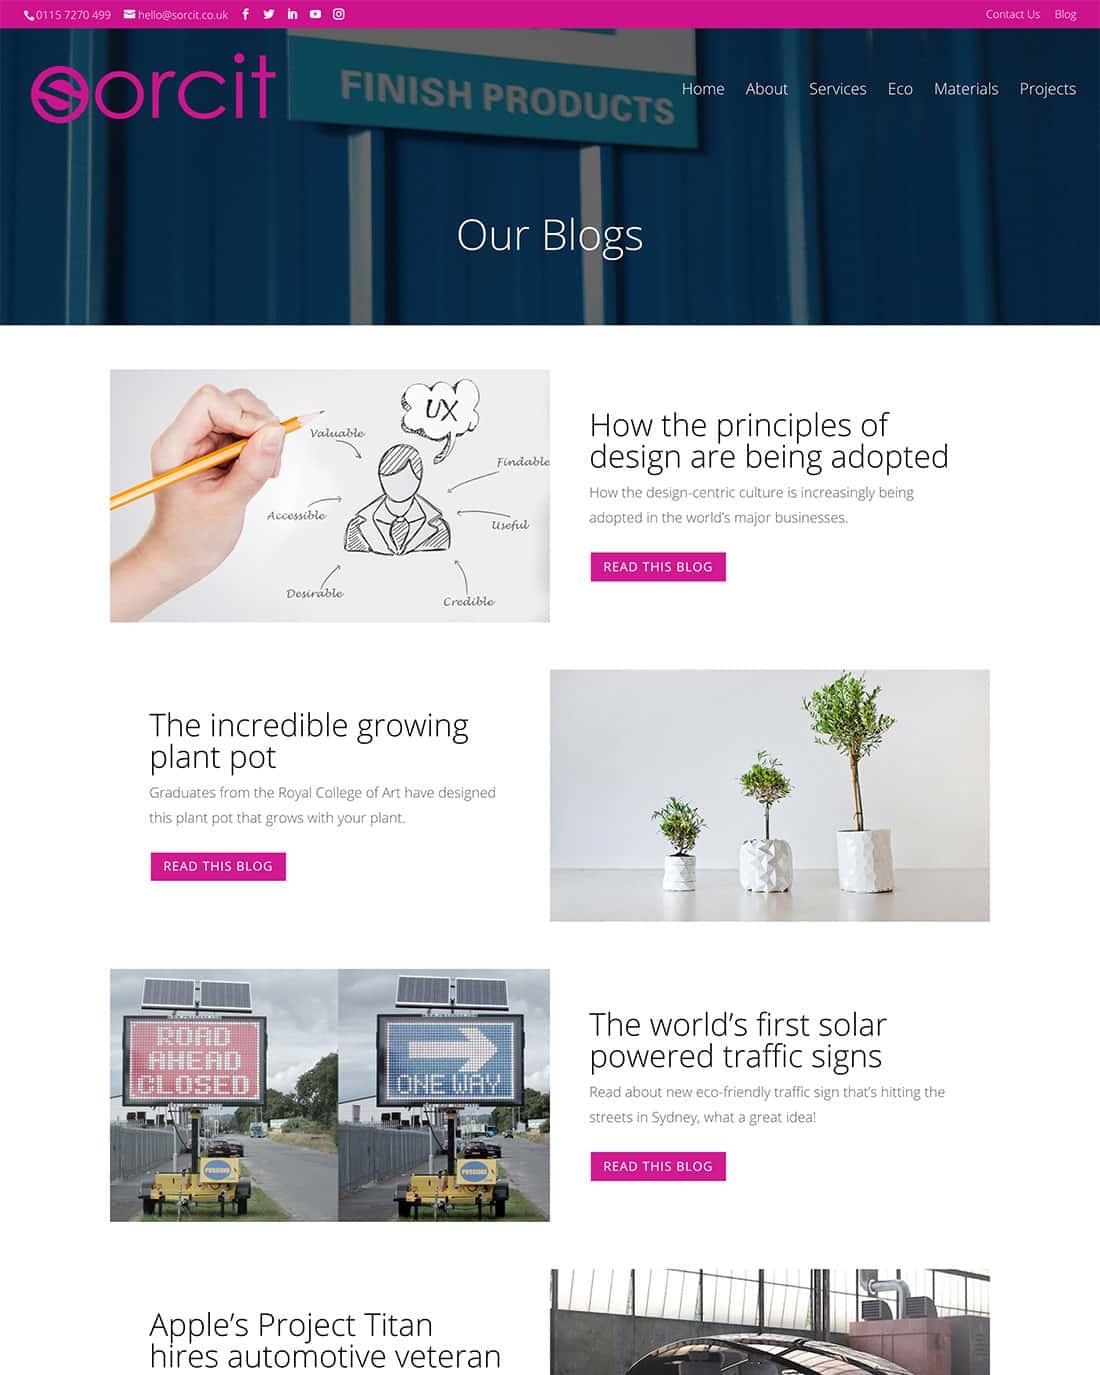 Sorcit blog page design